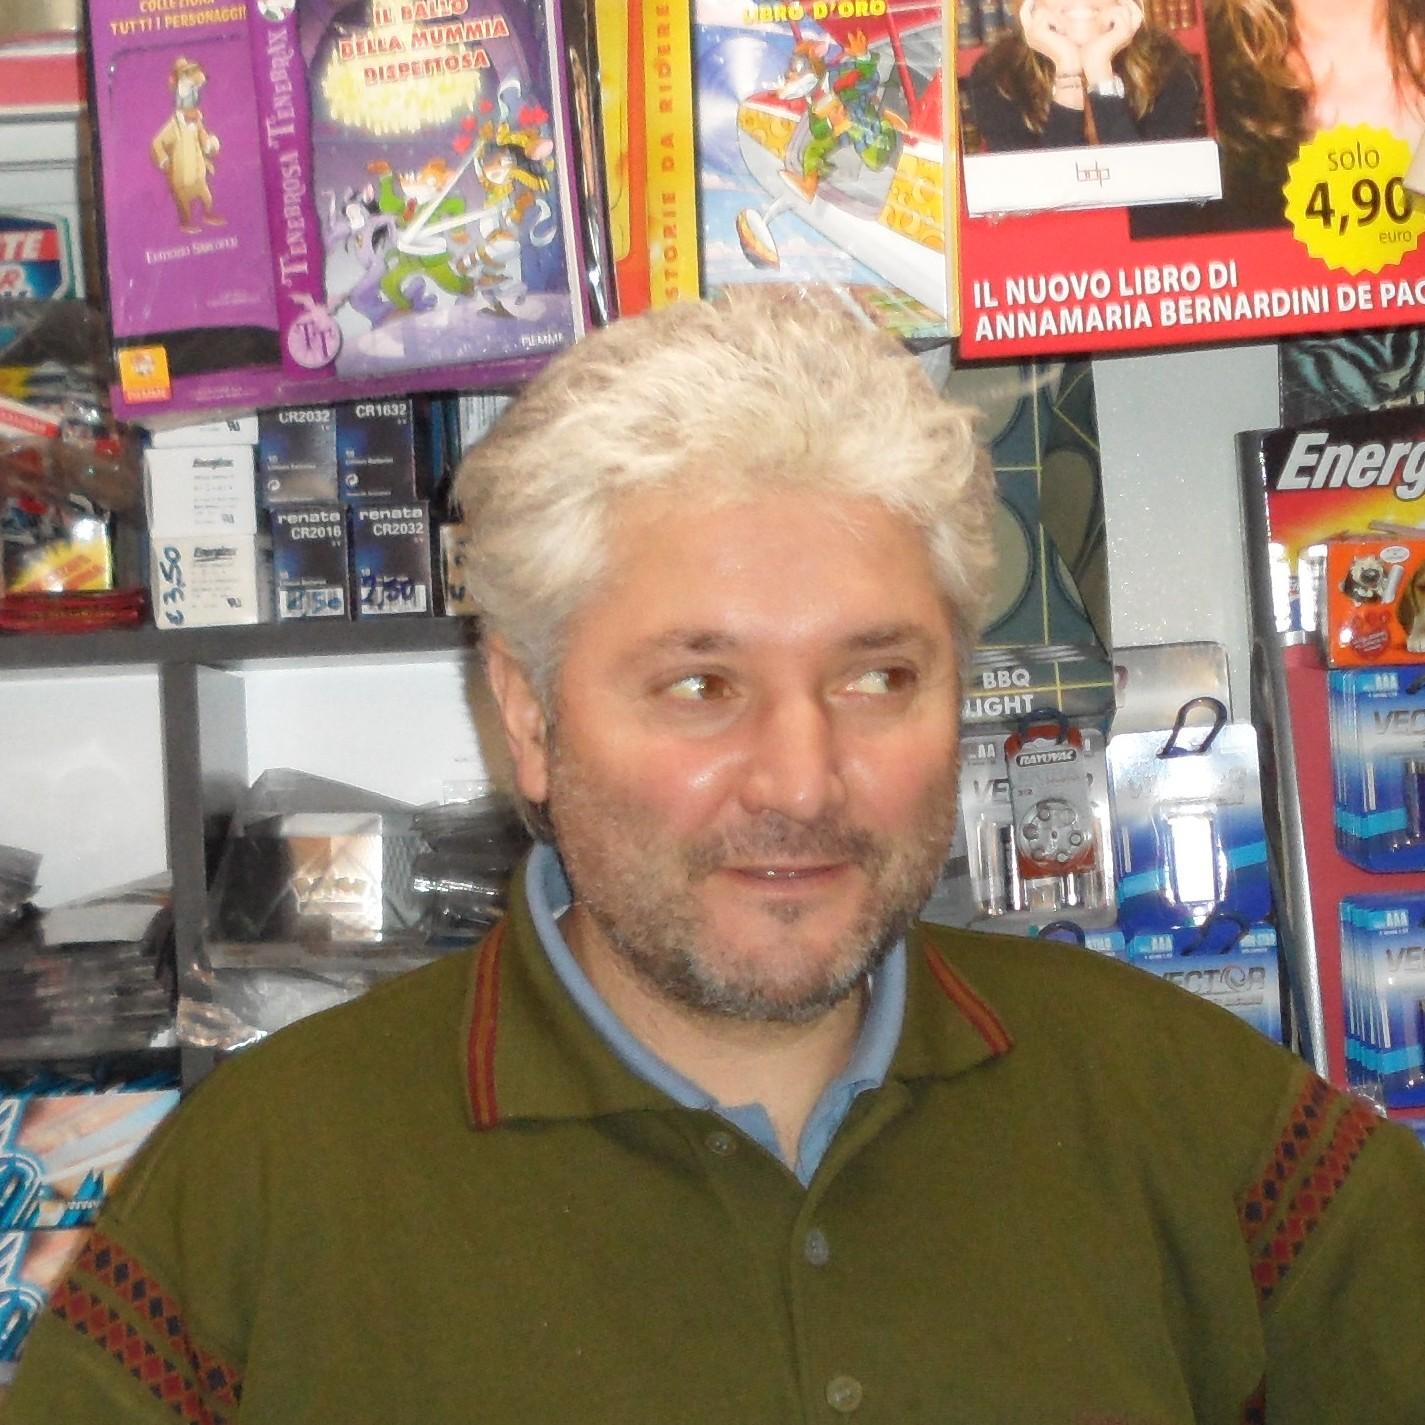 Massimo Alessi edicolante a Borghetto S. Spirito